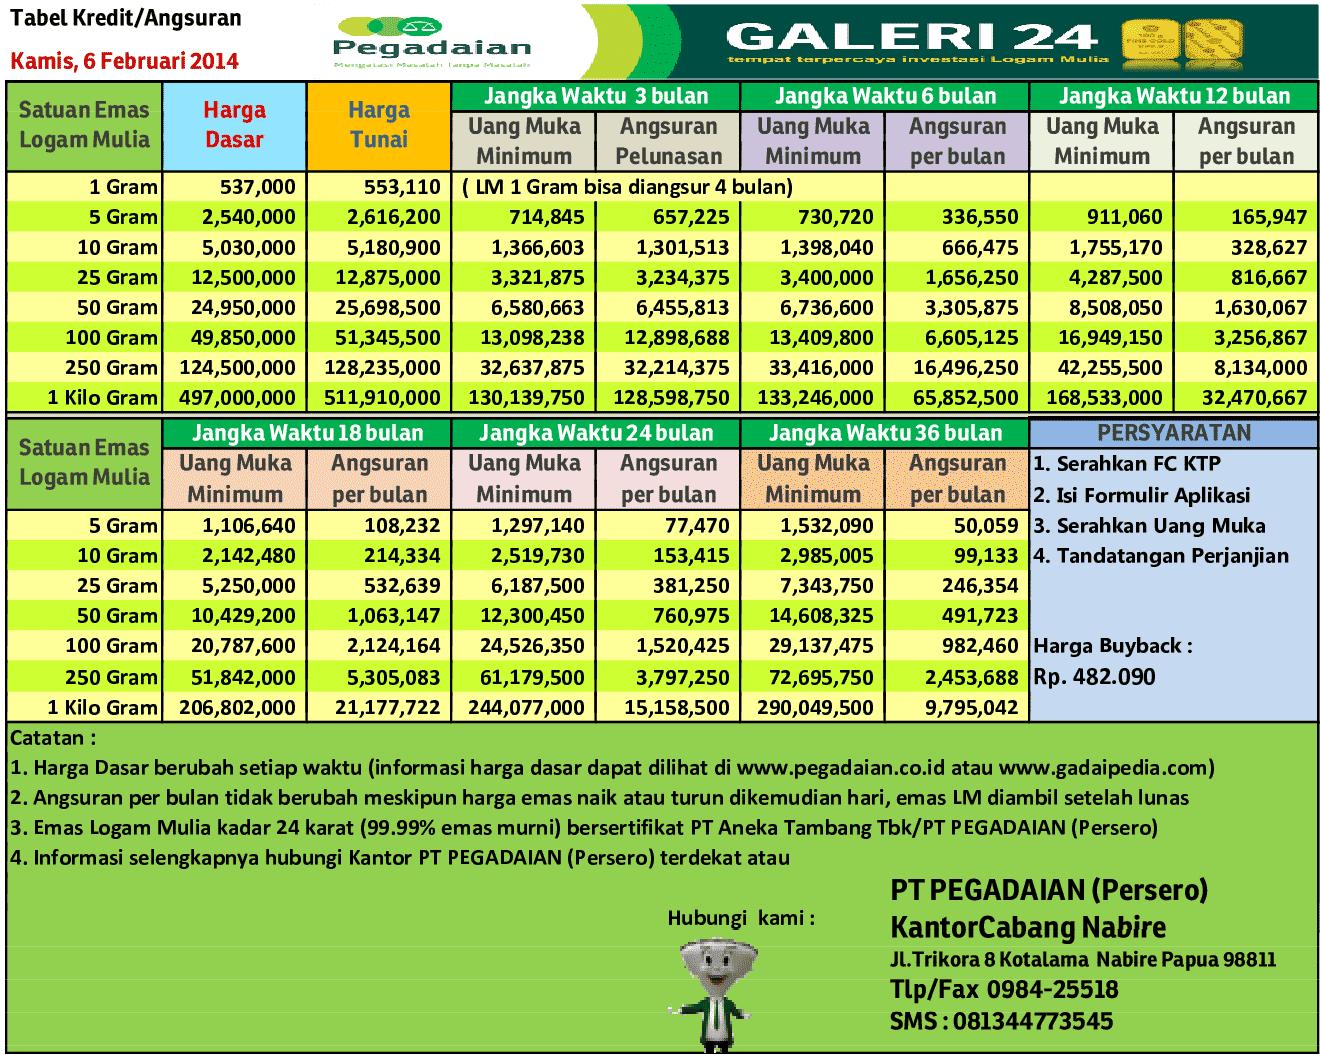 harga emas dan tabel kredit emas pegadaian 6 februari 2014